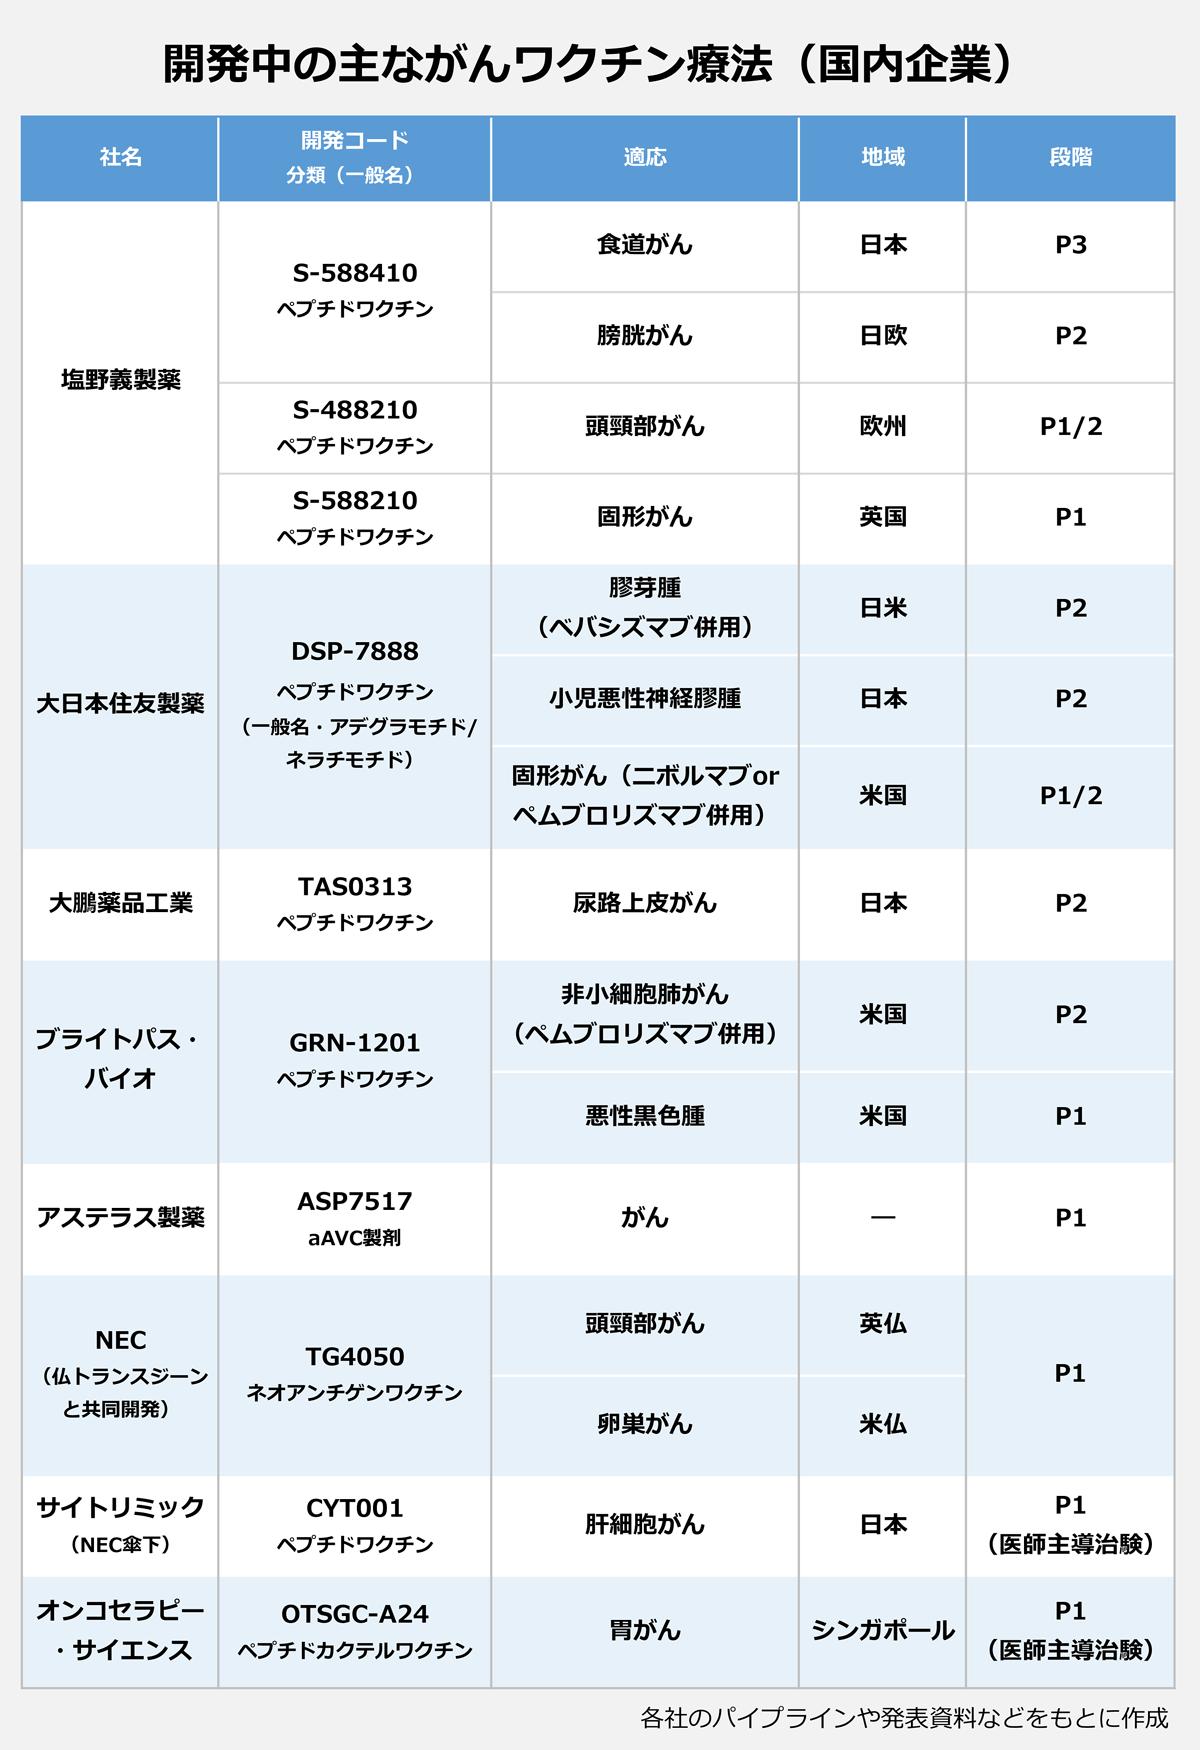 【開発中の主ながんワクチン療法(国内企業)】(<社名>/開発コード/(分類・一般名)/適応/地域/段階): <塩野義製薬>/S-588410(ペプチドワクチン)/食道がん/日本/P3|膀胱がん/日欧/P2|S-488210(ペプチドワクチン)/頭頸部がん/欧州/P1/2|S-588210(ペプチドワクチン)/固形がん/英国/P1 <大日本住友製薬>/DSP-7888(ペプチドワクチン)(一般名・アデグラモチド/ネラチモチド)/膠芽腫(ベバシズマブ併用)/日米/P2|小児悪性神経膠腫/日本/P2|固形がん(ニボルマブorペムブロリズマブ併用)/米国/P1/2 <大鵬薬品工業>/TAS0313(ペプチドワクチン)/尿路上皮がん/日本/P2 <ブライトパス・バイオ>/GRN-1201(ペプチドワクチン)/非小細胞肺がん(ペムブロリズマブ併用)/米国/P2|悪性黒色腫/米国/P1 <アステラス製薬>/ASP7517(aAVC製剤)/がん/―/P1 <NEC>(仏トランスジーンと共同開発)/TG4050 ネオアンチゲンワクチン/頭頸部がん/英仏/P1|卵巣がん/米仏/P1 <サイトリミック>(NEC傘下)/CYT001 ペプチドワクチン/肝細胞がん/日本/P1(医師主導治験) <オンコセラピー・サイエンス>/OTSGC-A24 ペプチドカクテルワクチン/胃がん/シンガポール/P1(医師主導治験) |※各社のパイプラインや発表資料などをもとに作成